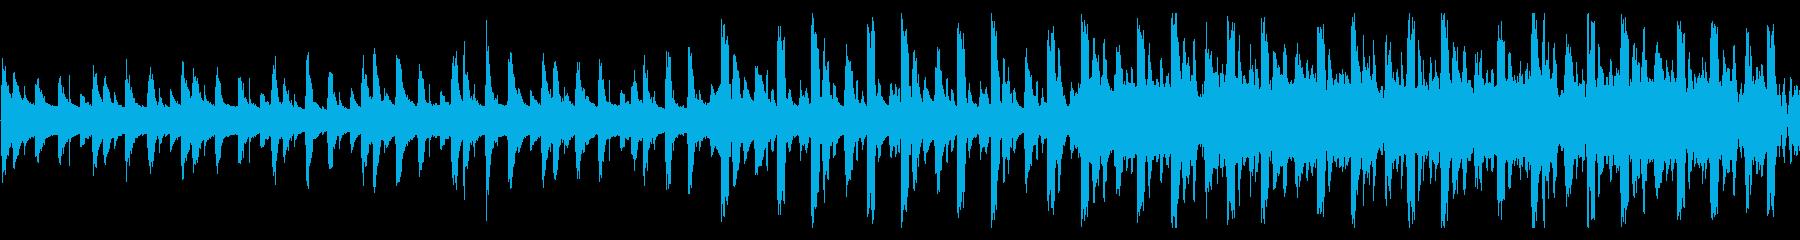 重くてクールなサスペンス感のあるBGMの再生済みの波形